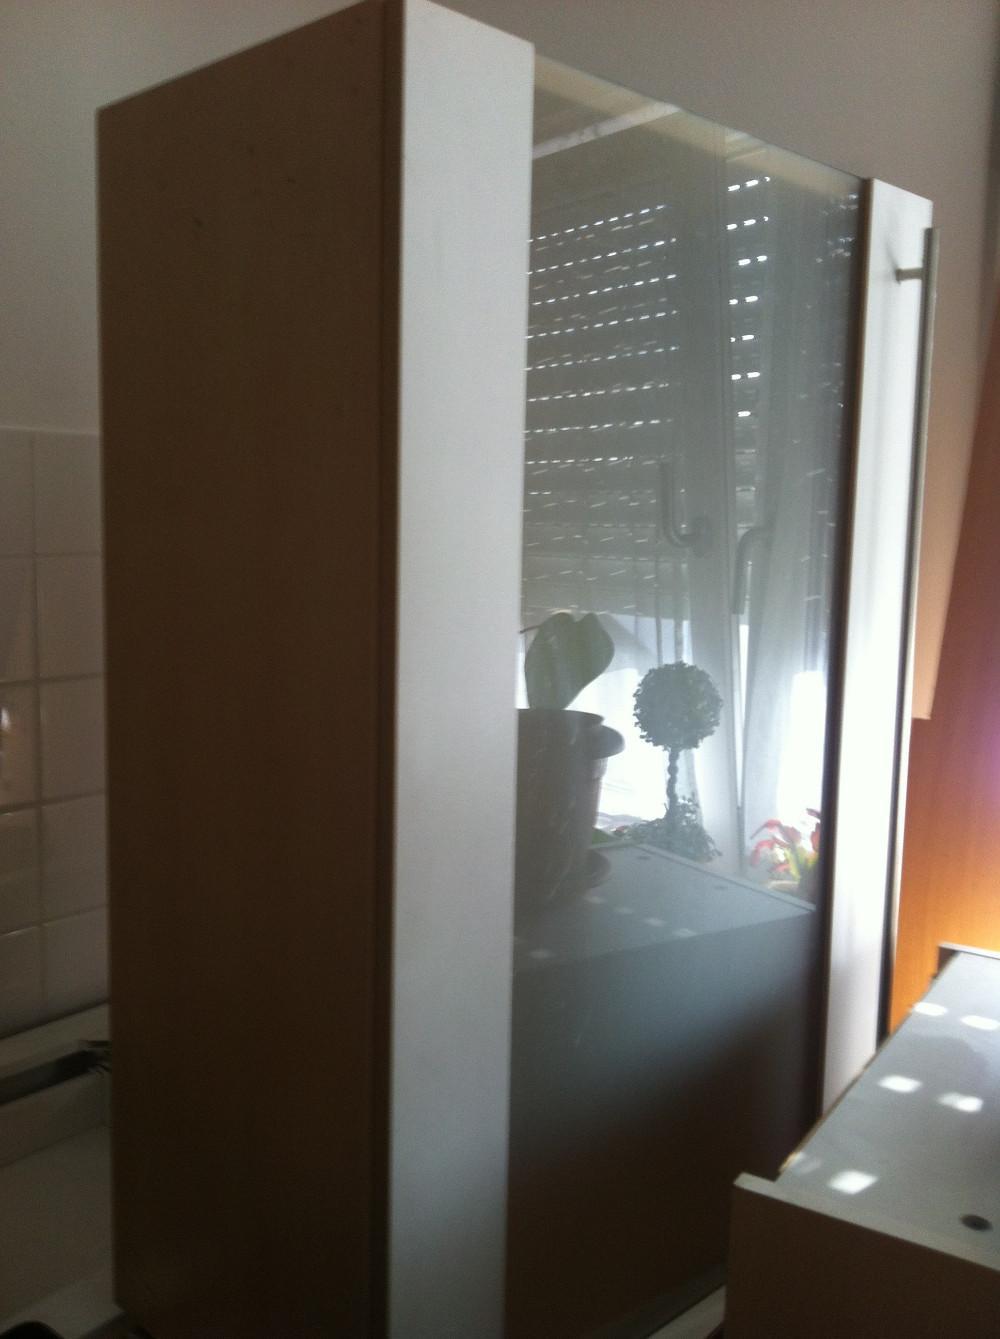 Full Size of Gebrauchte Kche Wegen Umzug Zu Verkaufen 853371 Einbauküche Weiss Hochglanz Teppich Küche Glasbilder Einzelschränke Mit E Geräten Günstig Glaswand Küche Küche Umziehen